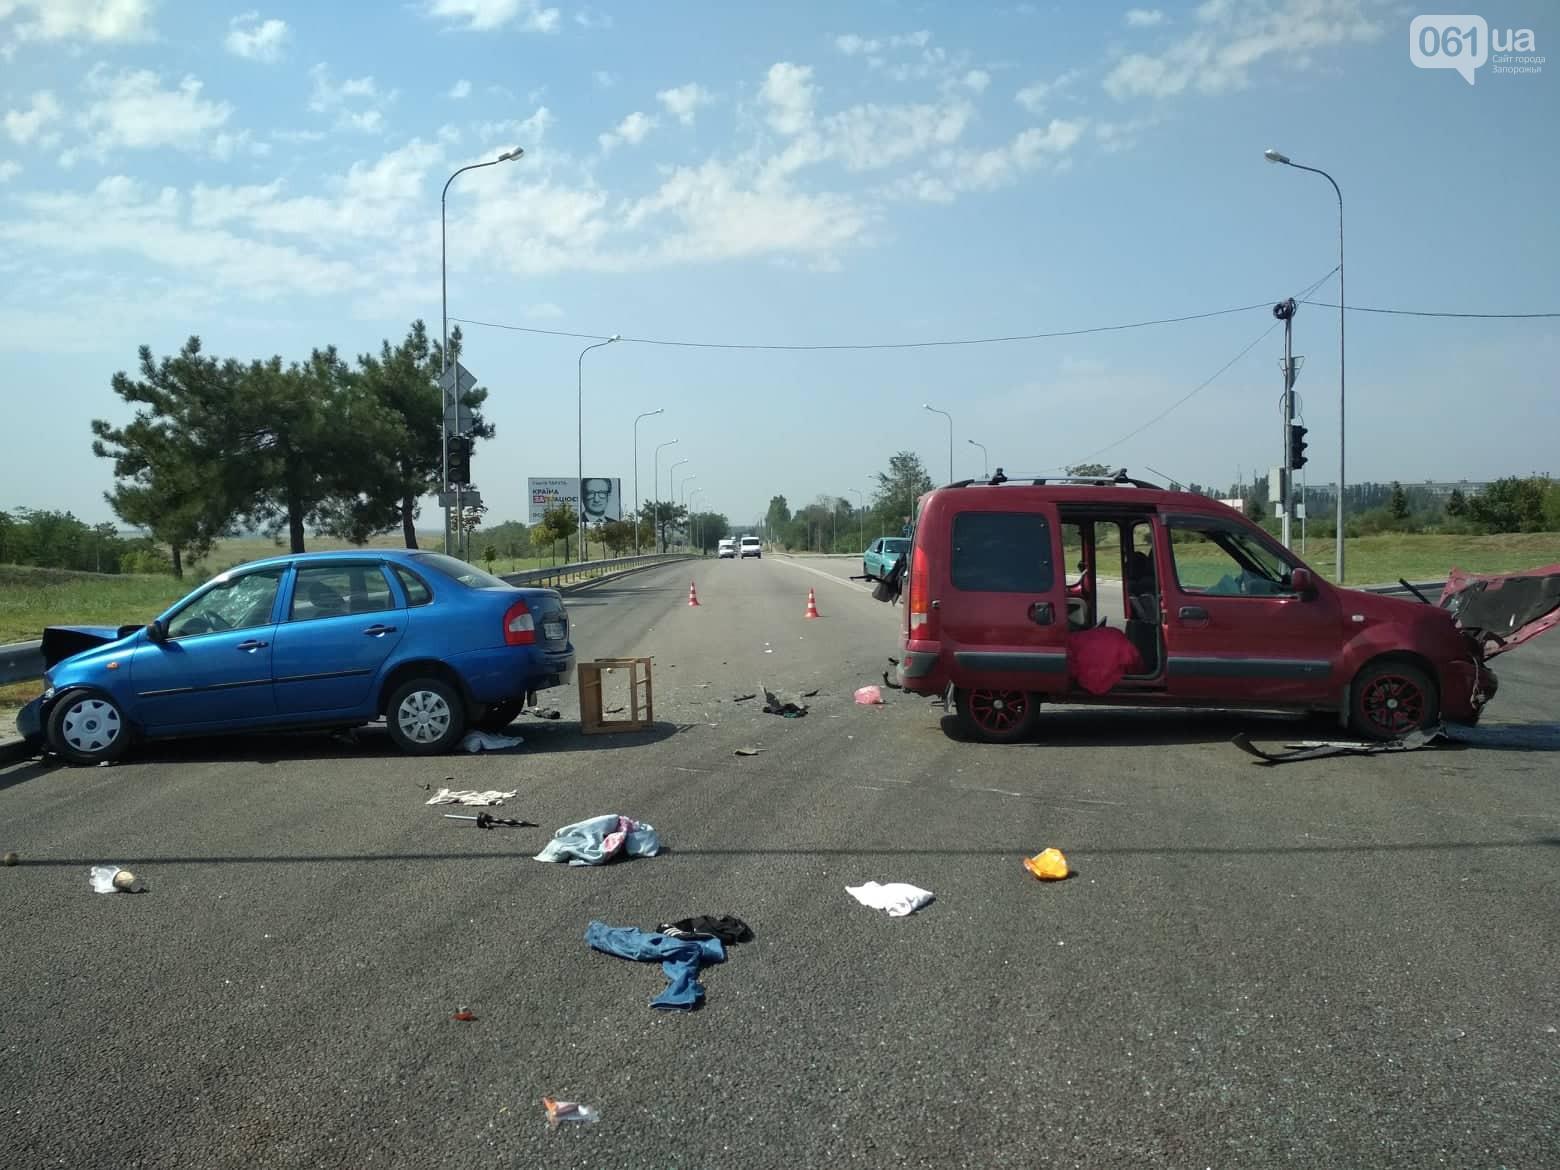 Серьезное ДТП в Хортицком районе Запорожья: 5 человек получили травмы – фото